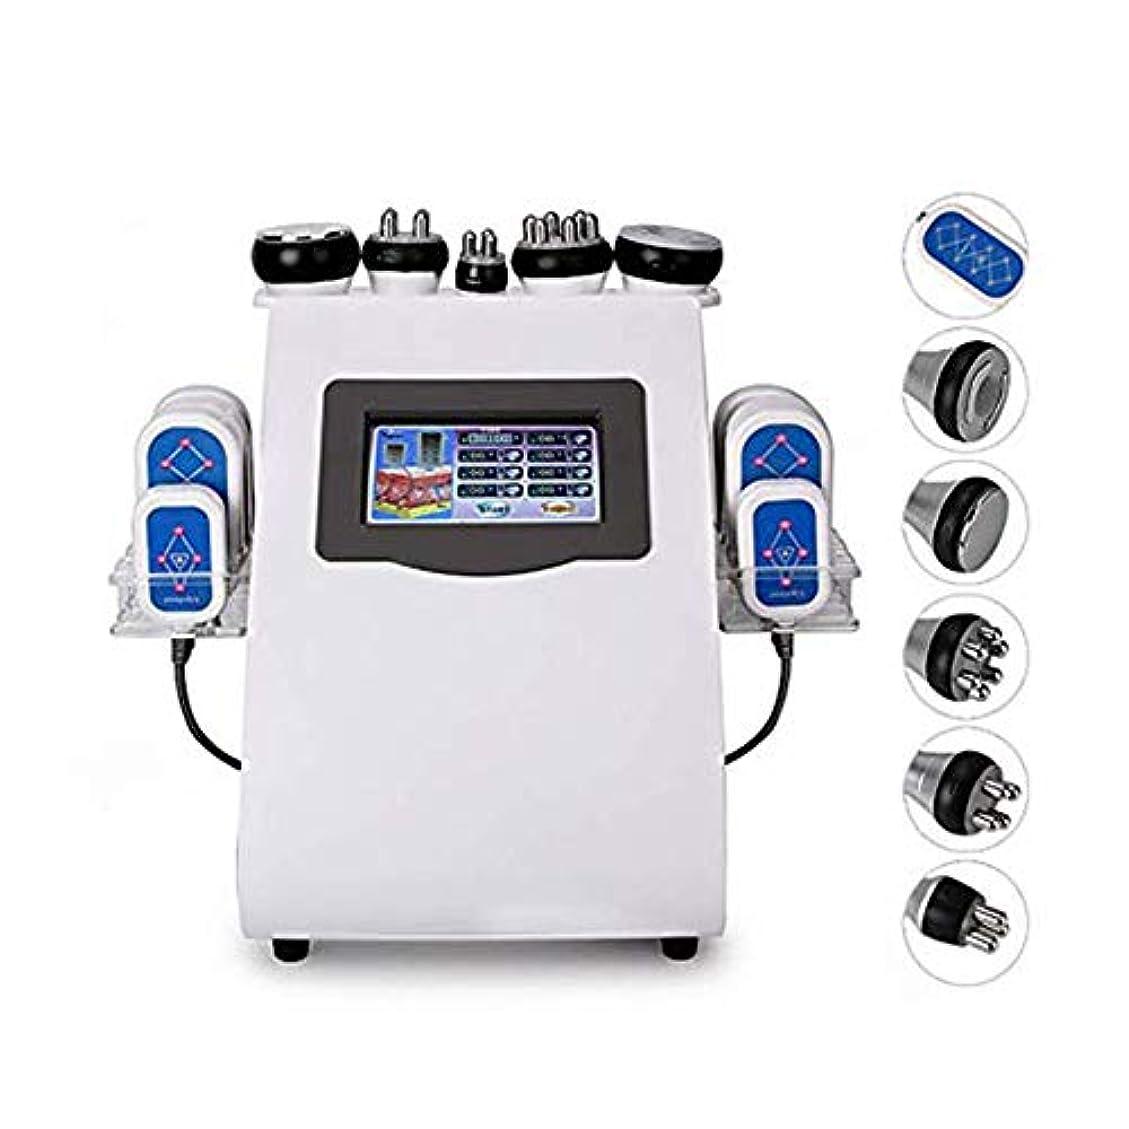 まとめるアラスカ塊超音波キャビテーション抗セルライトネガティブボディ痩身マシン、脂肪燃焼と無線周波数アンチエイジングスキンリフティング引き締めしわ美容機器の除去